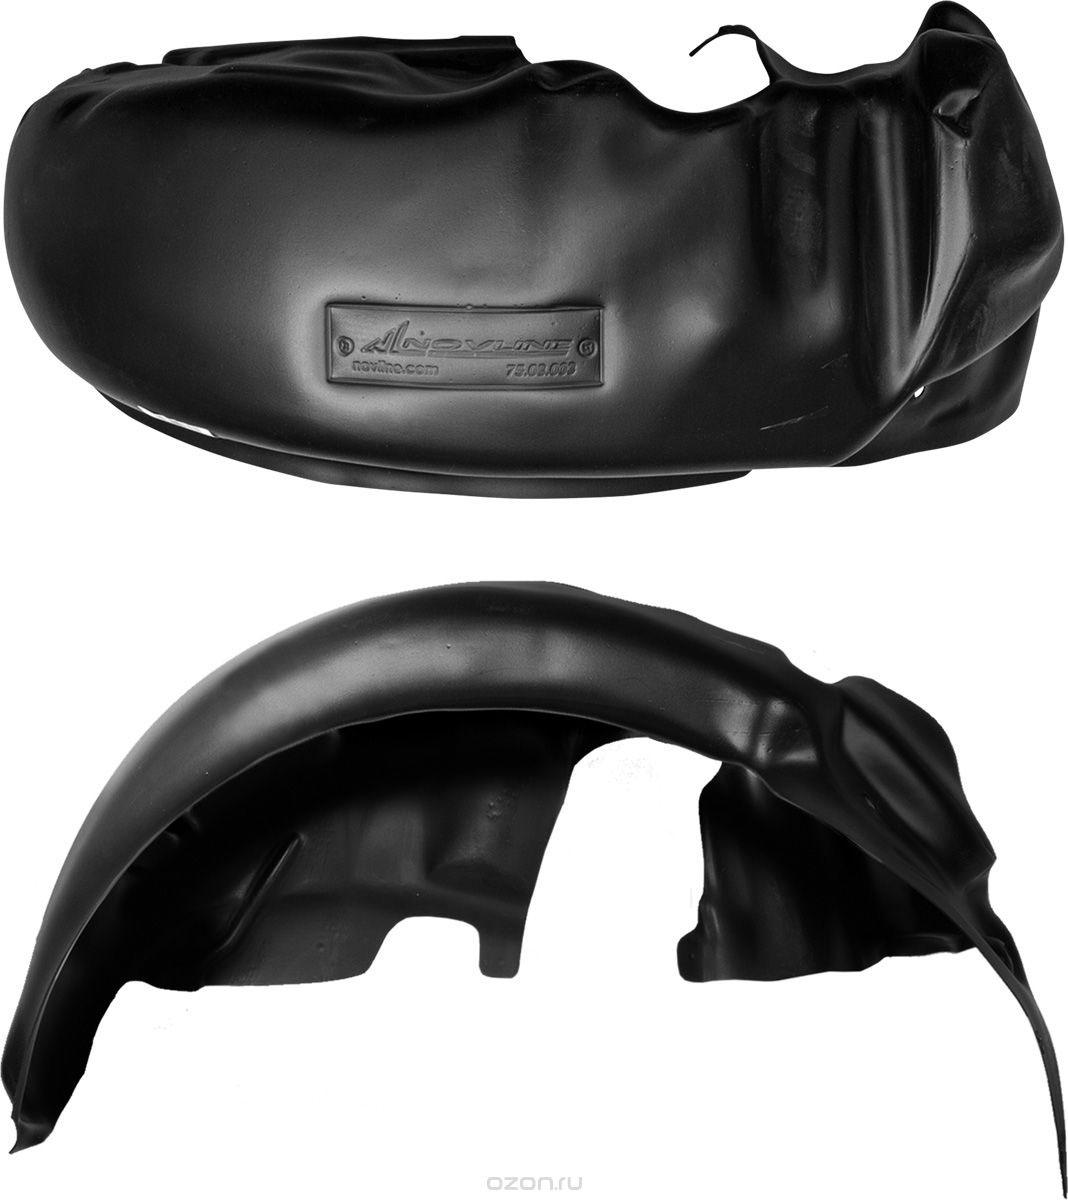 Подкрылок Novline-Autofamily, для Mazda 3, 2013->, хэтчбек, седан, задний левыйNLL.33.19.003Идеальная защита колесной ниши. Локеры разработаны с применением цифровых технологий, гарантируют максимальную повторяемость поверхности арки. Изделия устанавливаются без нарушения лакокрасочного покрытия автомобиля, каждый подкрылок комплектуется крепежом. Уважаемые клиенты, обращаем ваше внимание, что фотографии на подкрылки универсальные и не отражают реальную форму изделия. При этом само изделие идет точно под размер указанного автомобиля.